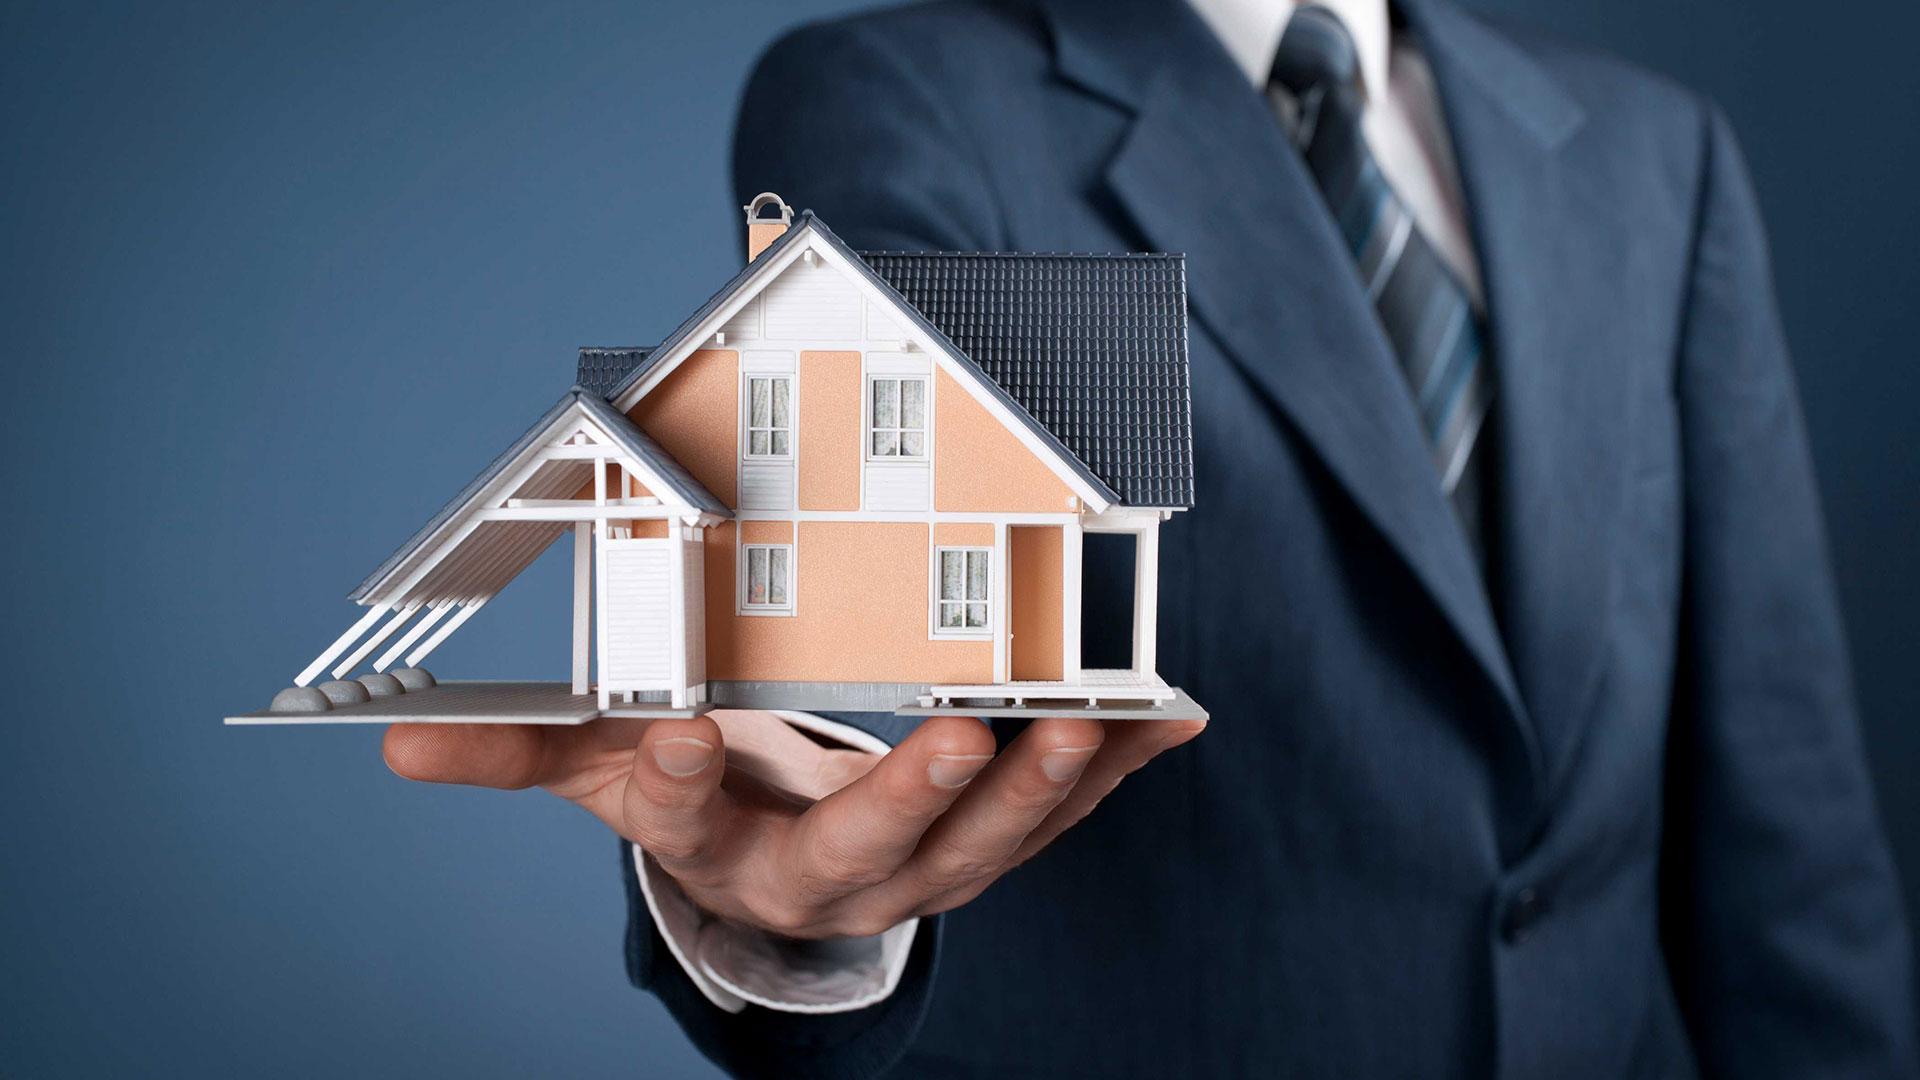 valmessa_agenzia_immobiliare